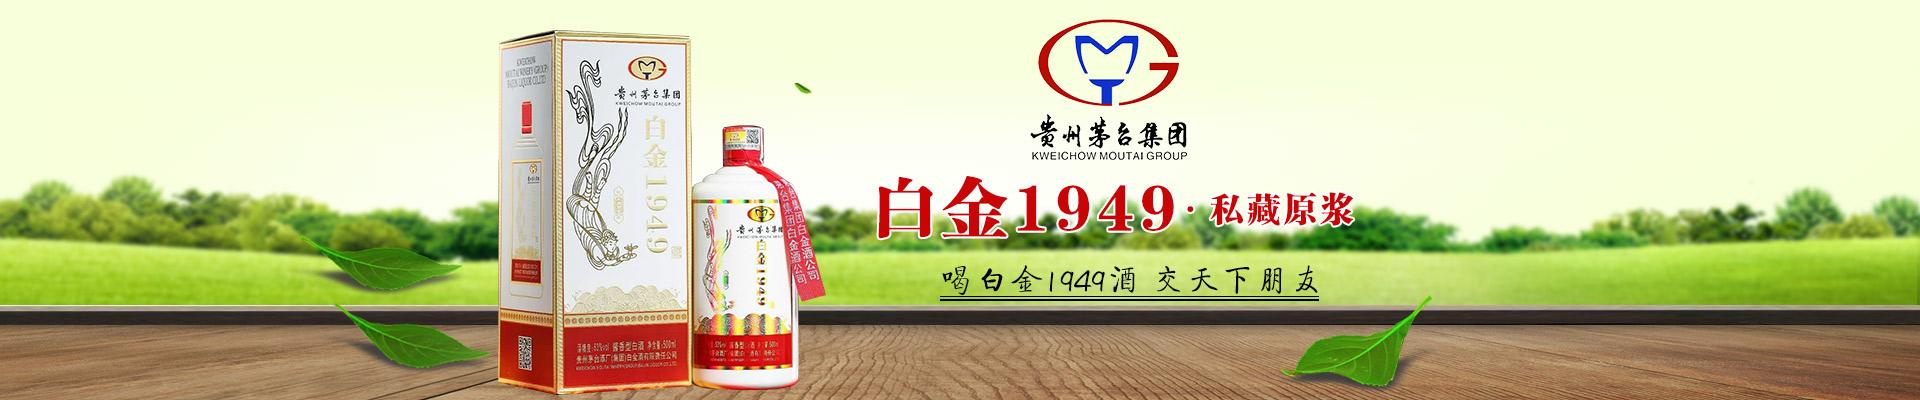 贵州茅台酒厂(集团)白金1949全国营销总部